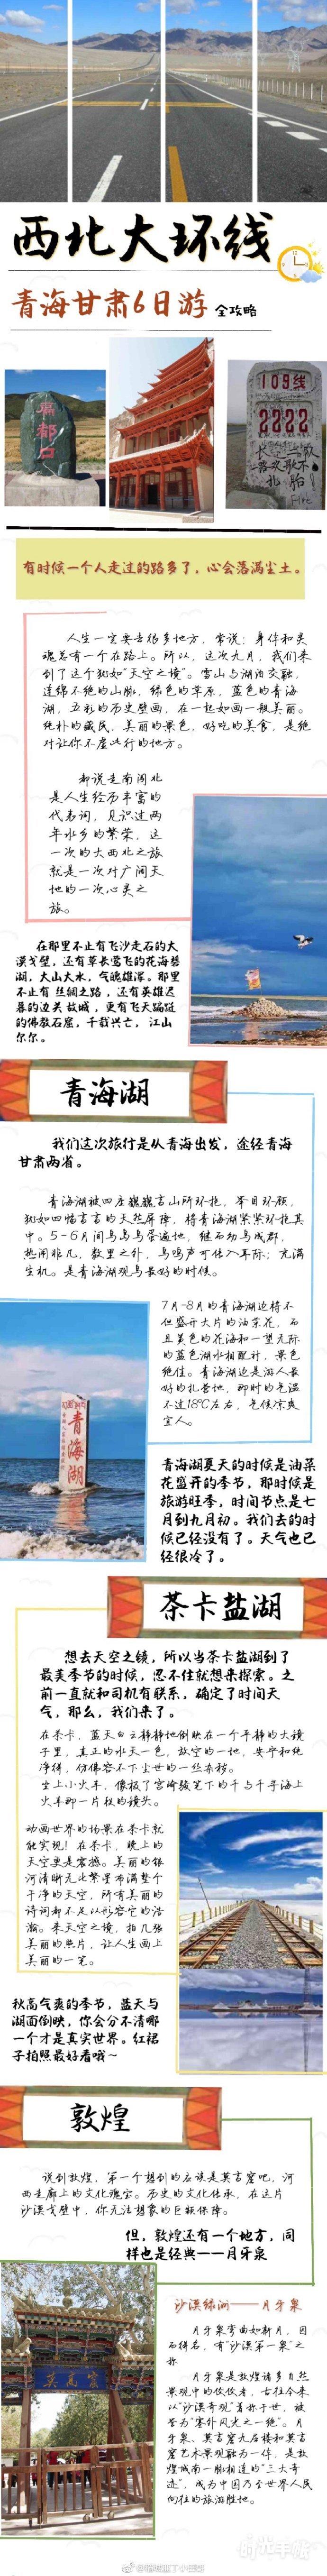 分享一篇经典青甘西北大环线旅游攻略,青海湖,茶卡盐湖,大柴旦